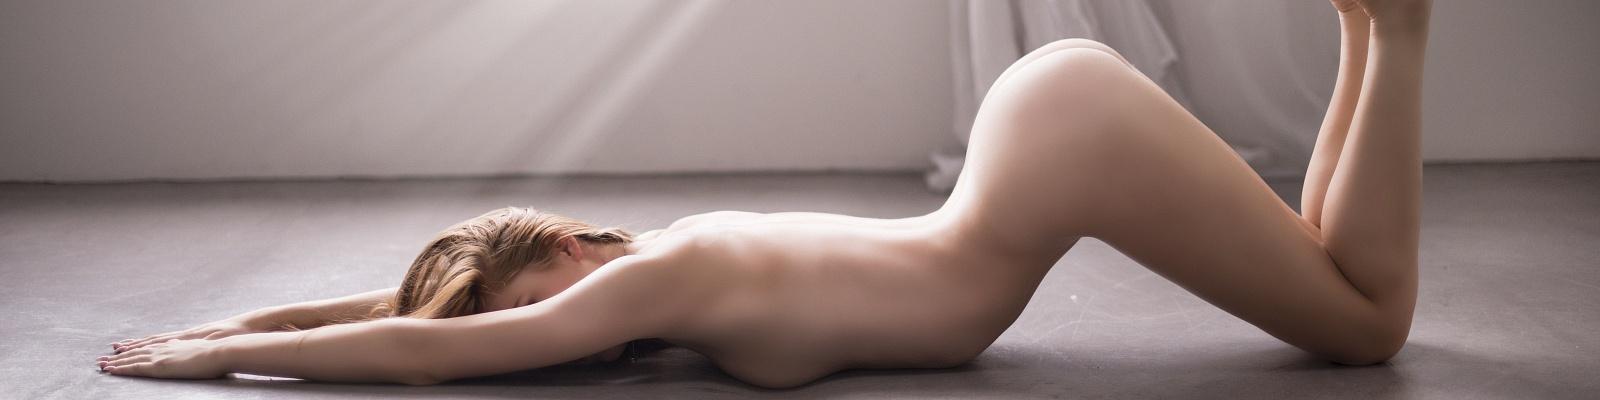 Nicole Sky's Cover Photo